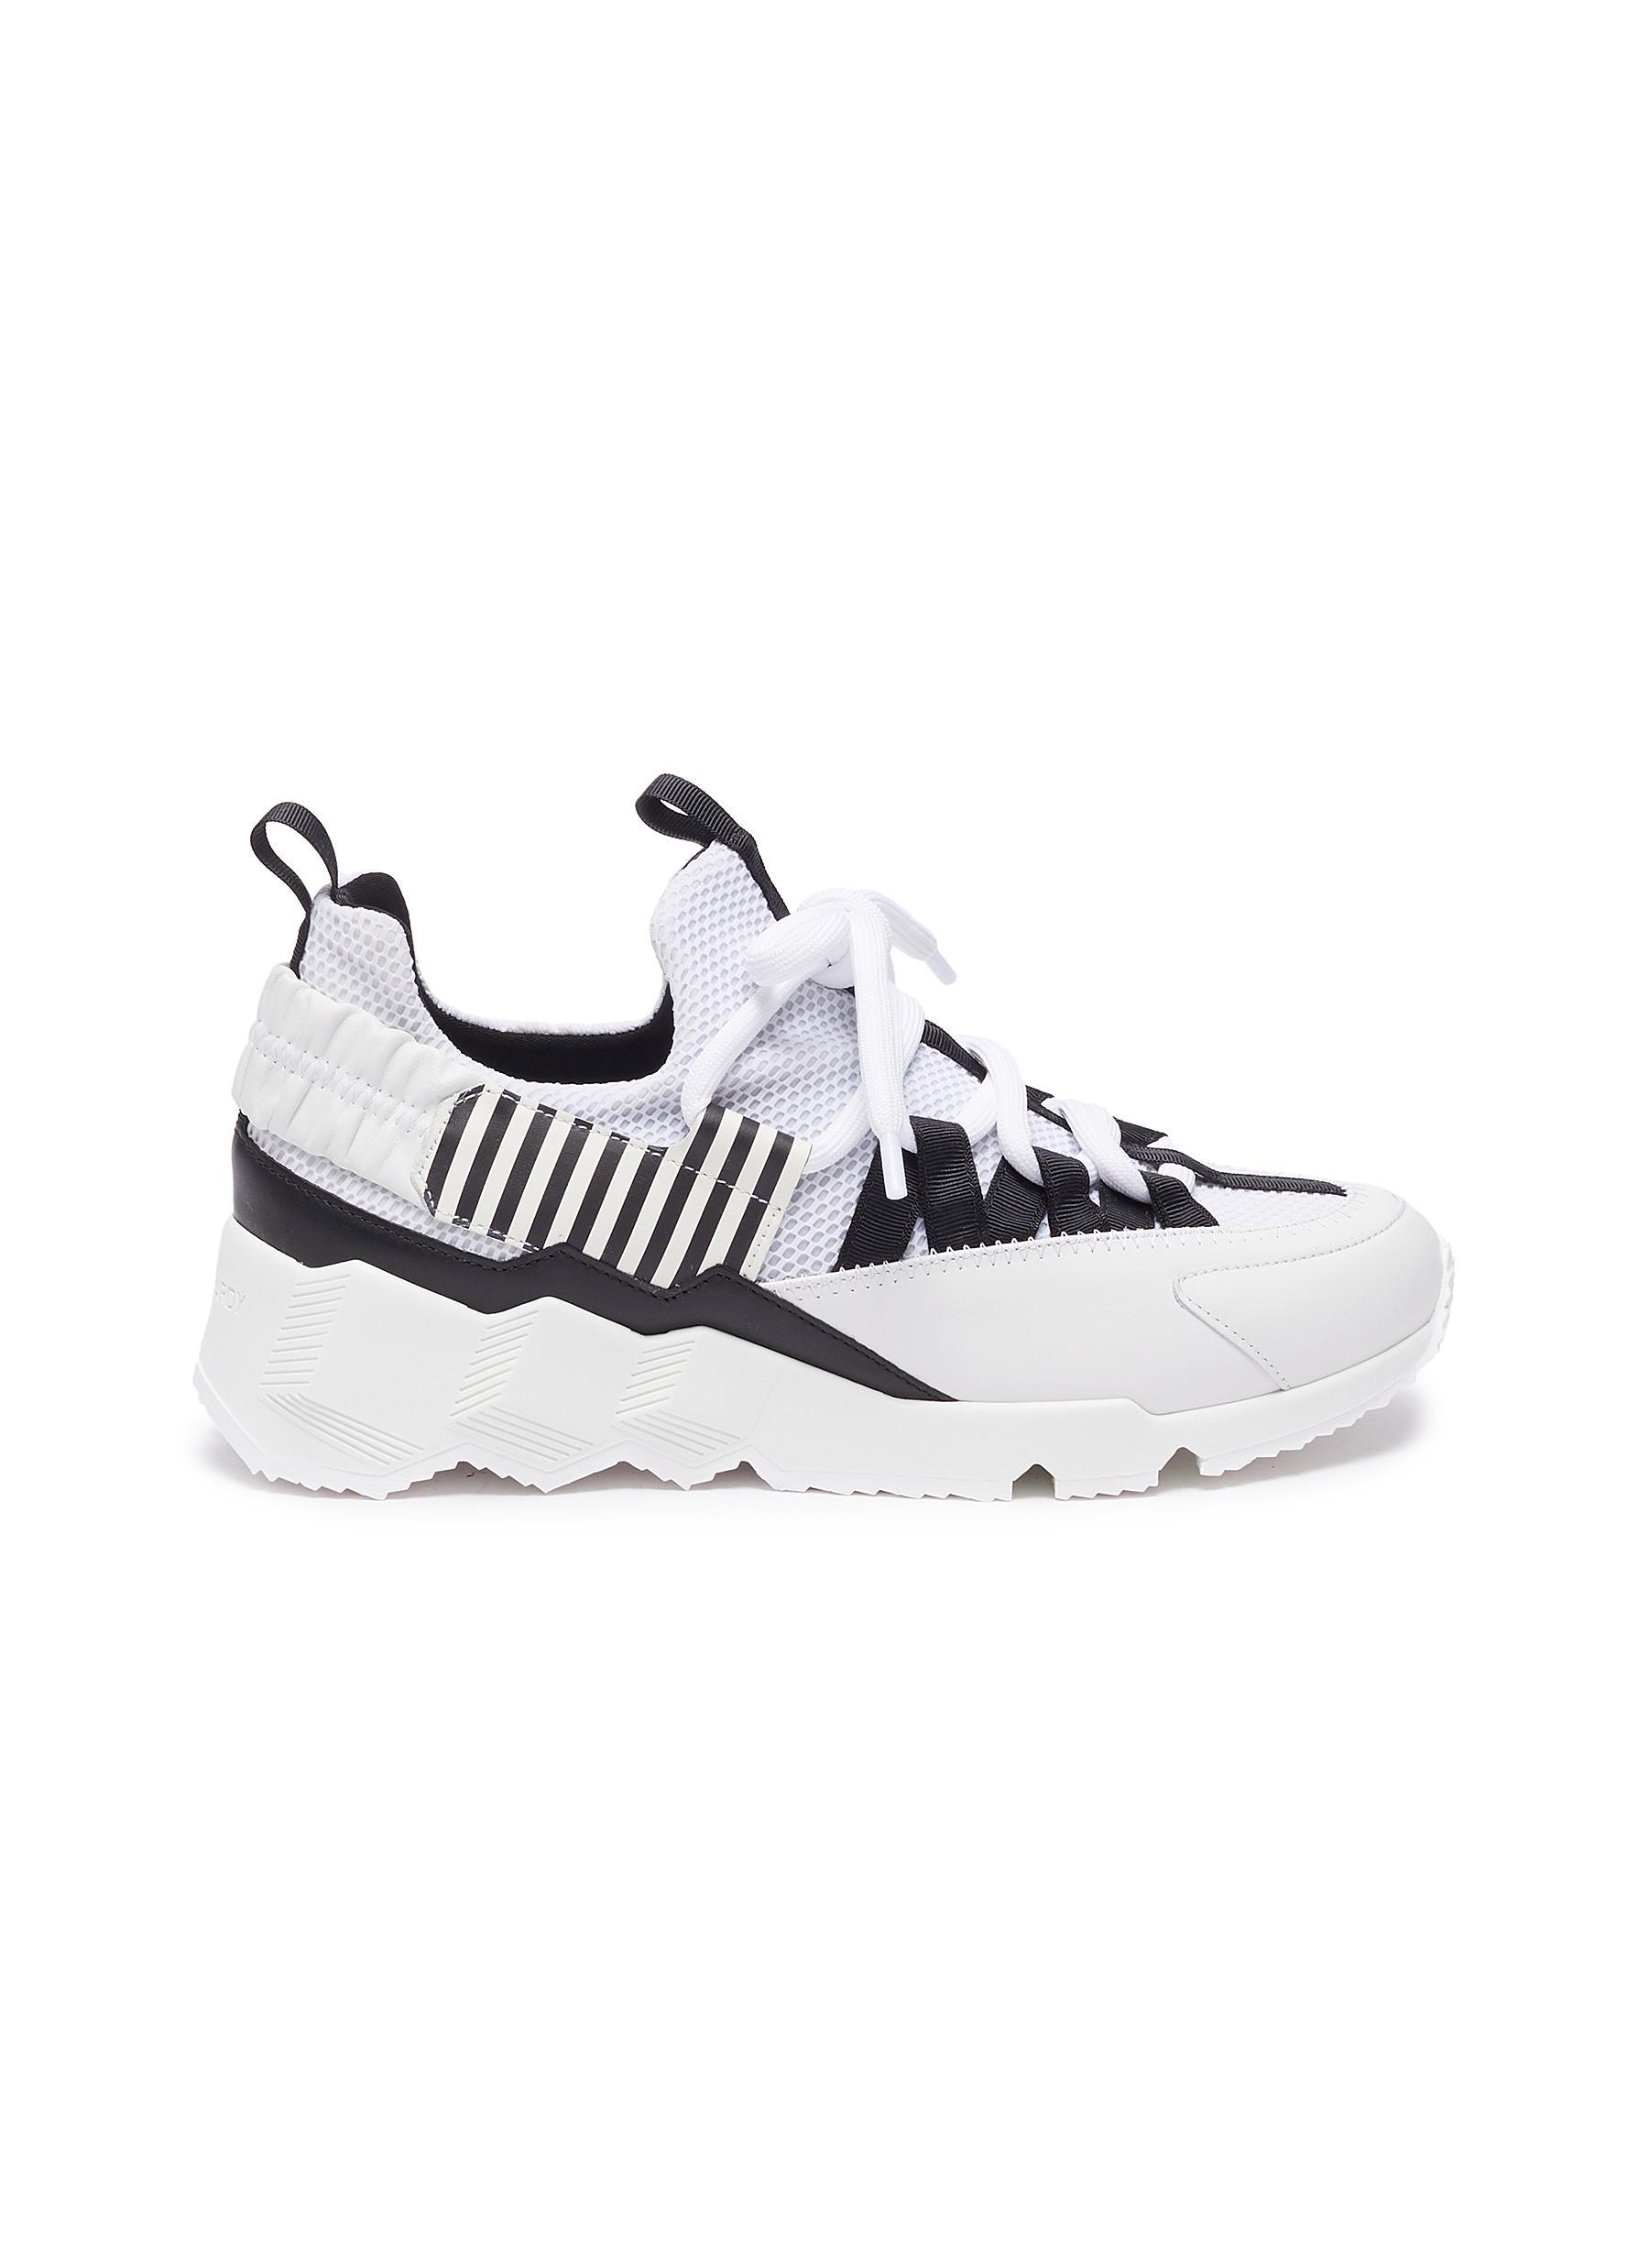 Trek Com' stripe mesh leather sneakers - PIERRE HARDY - Modalova